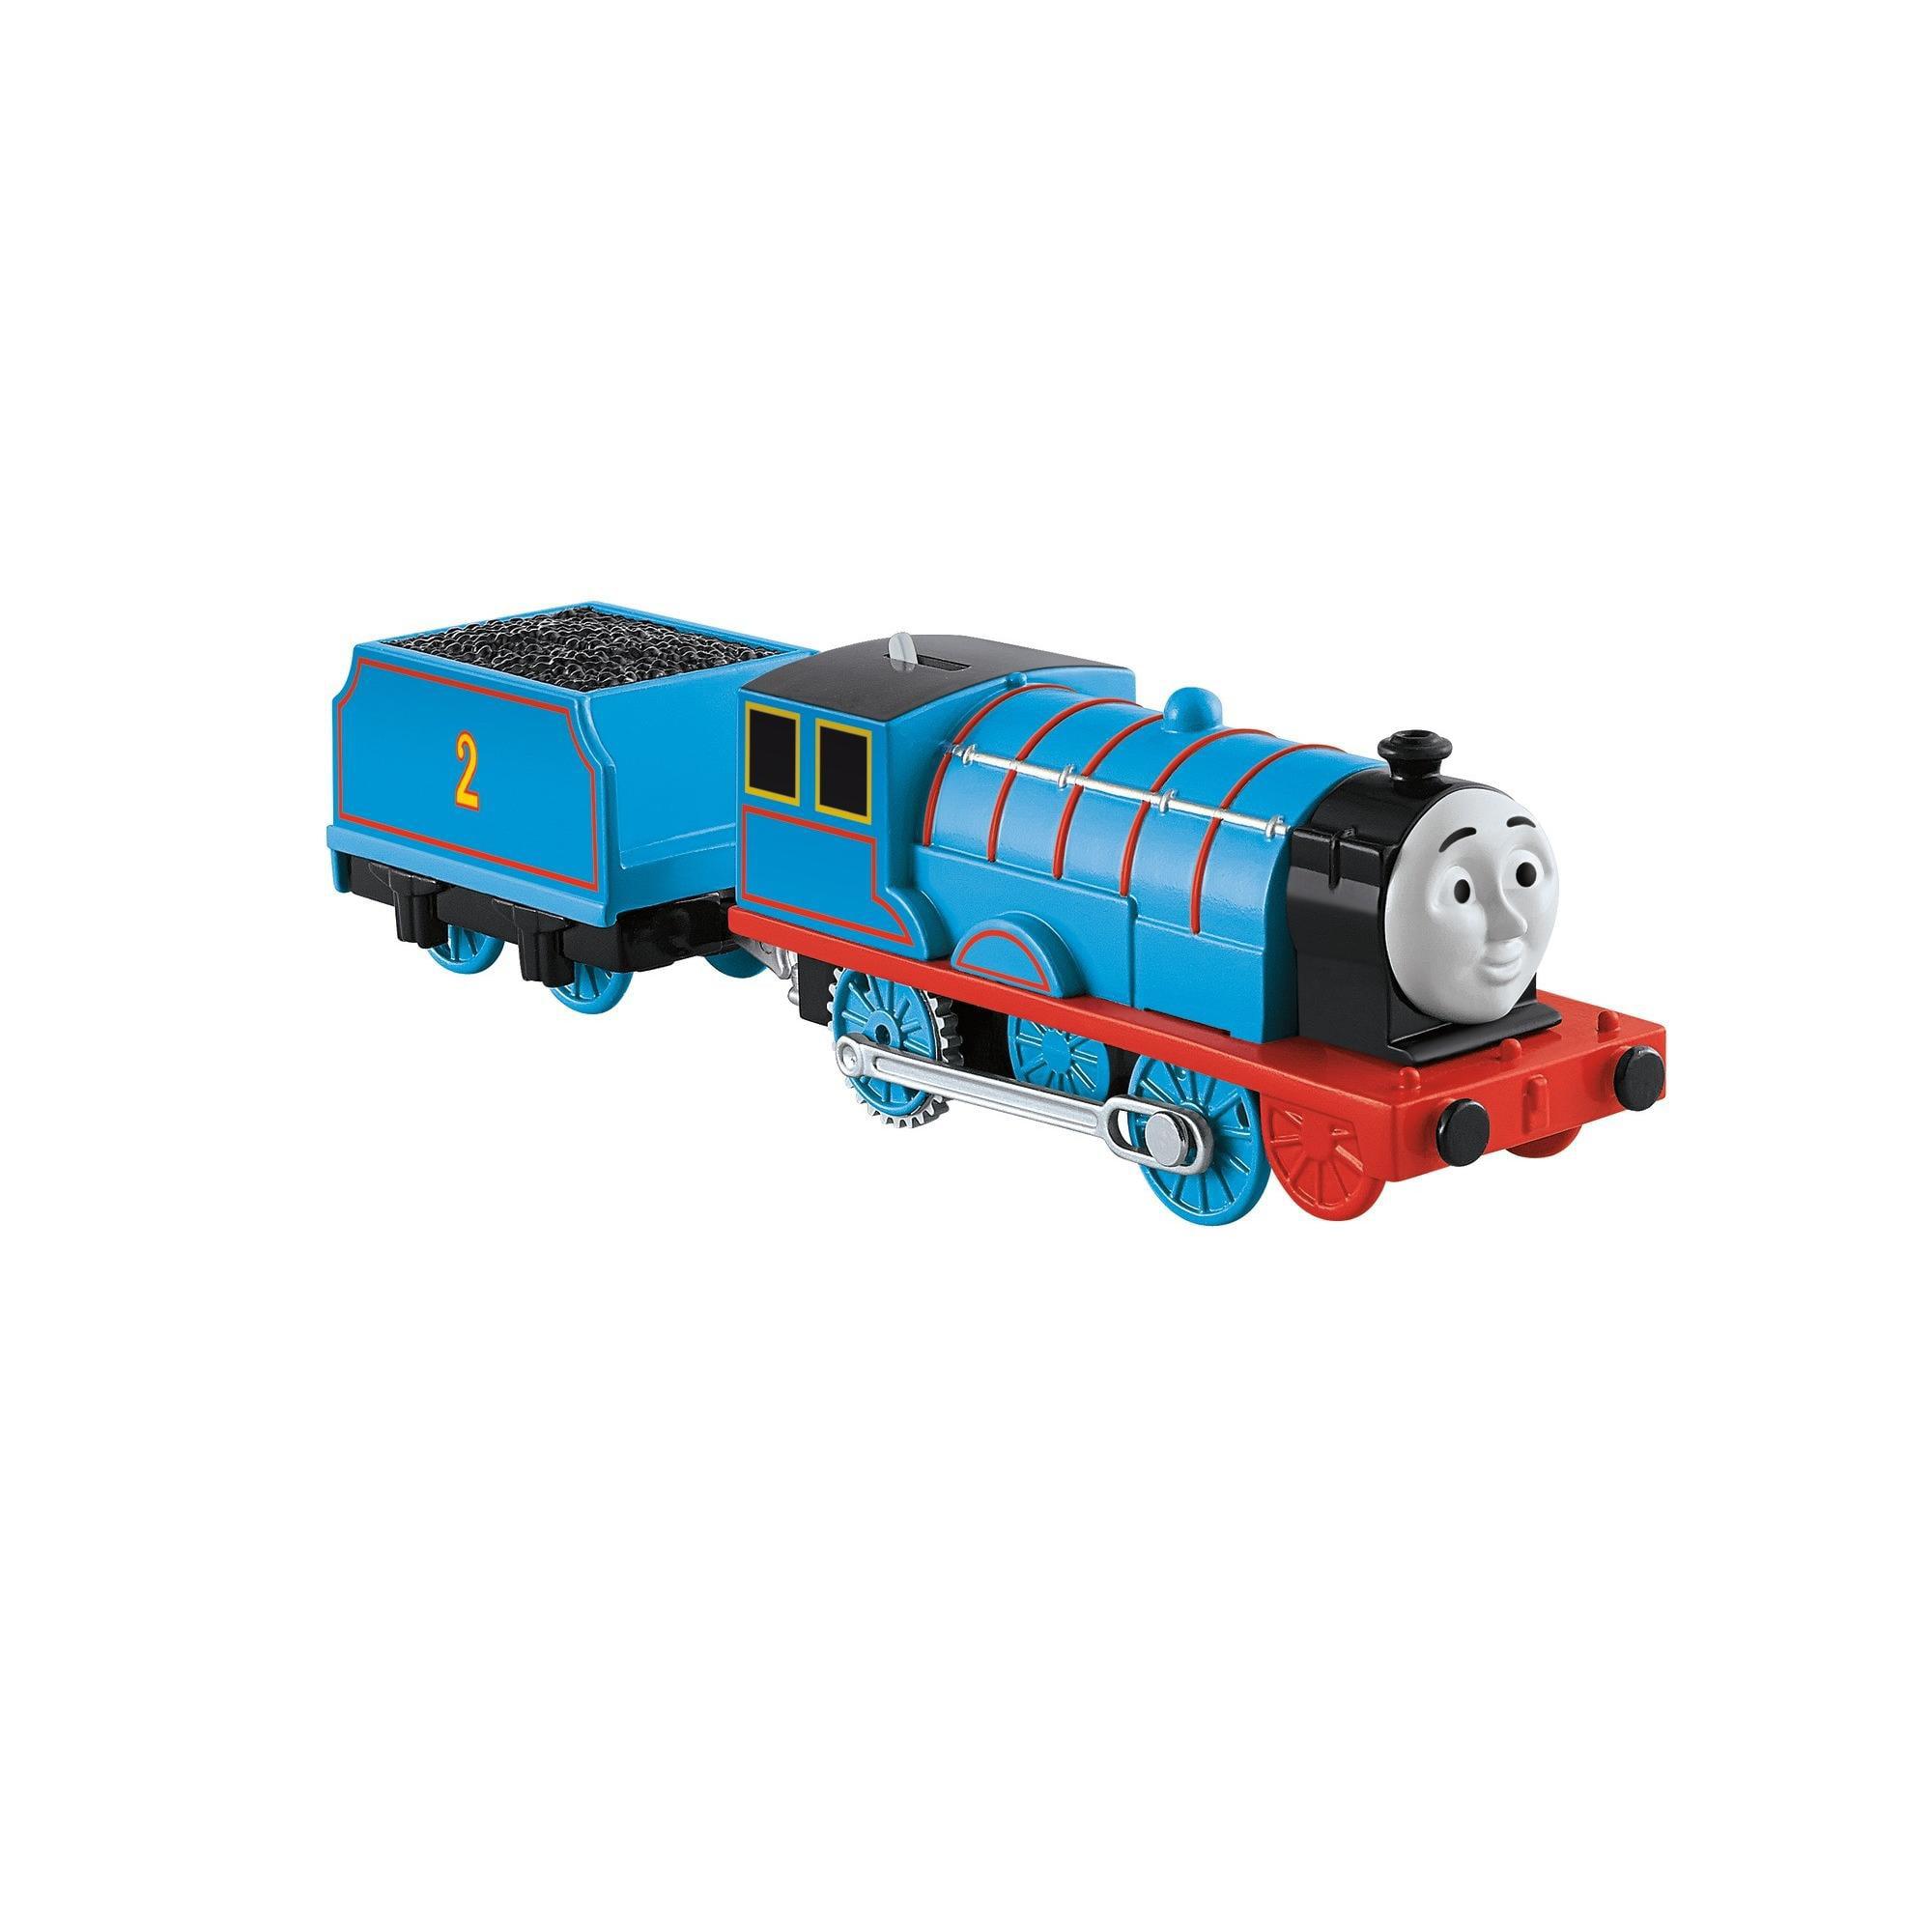 Thomas & Friends TrackMaster Motorized Edward Train Engine